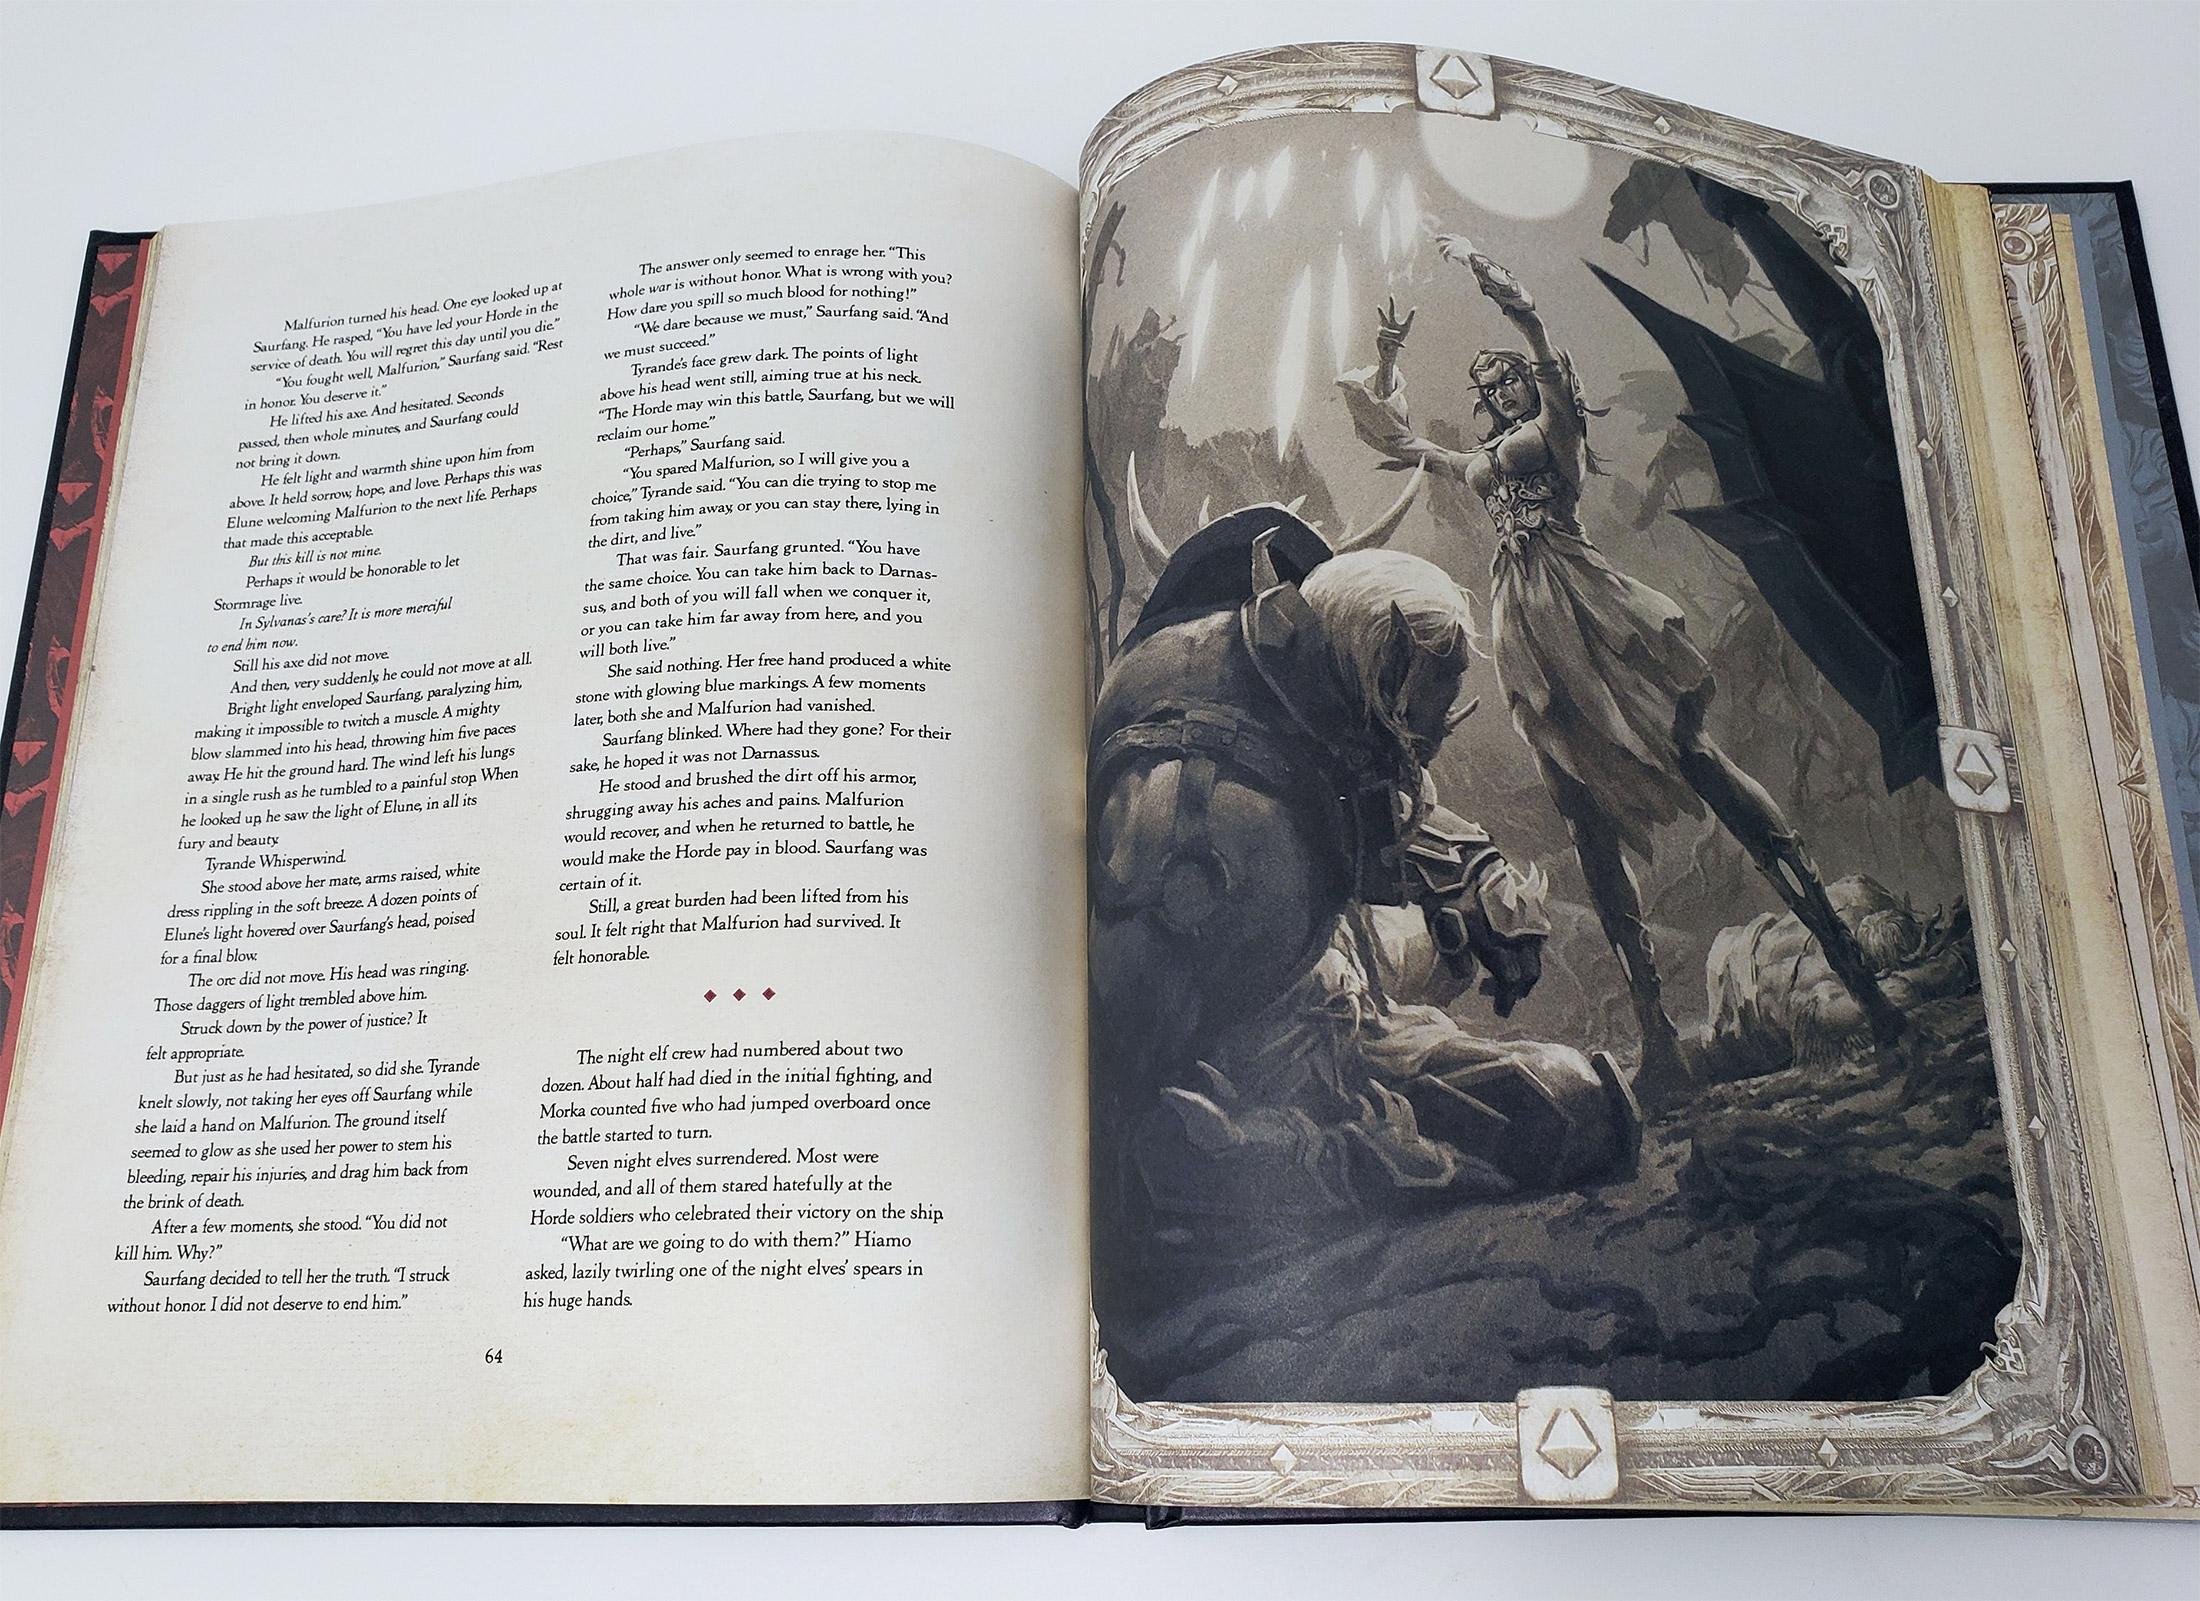 La rencontre entre Tyrande et Saurcroc est beaucoup plus détaillée dans le livre Élégie